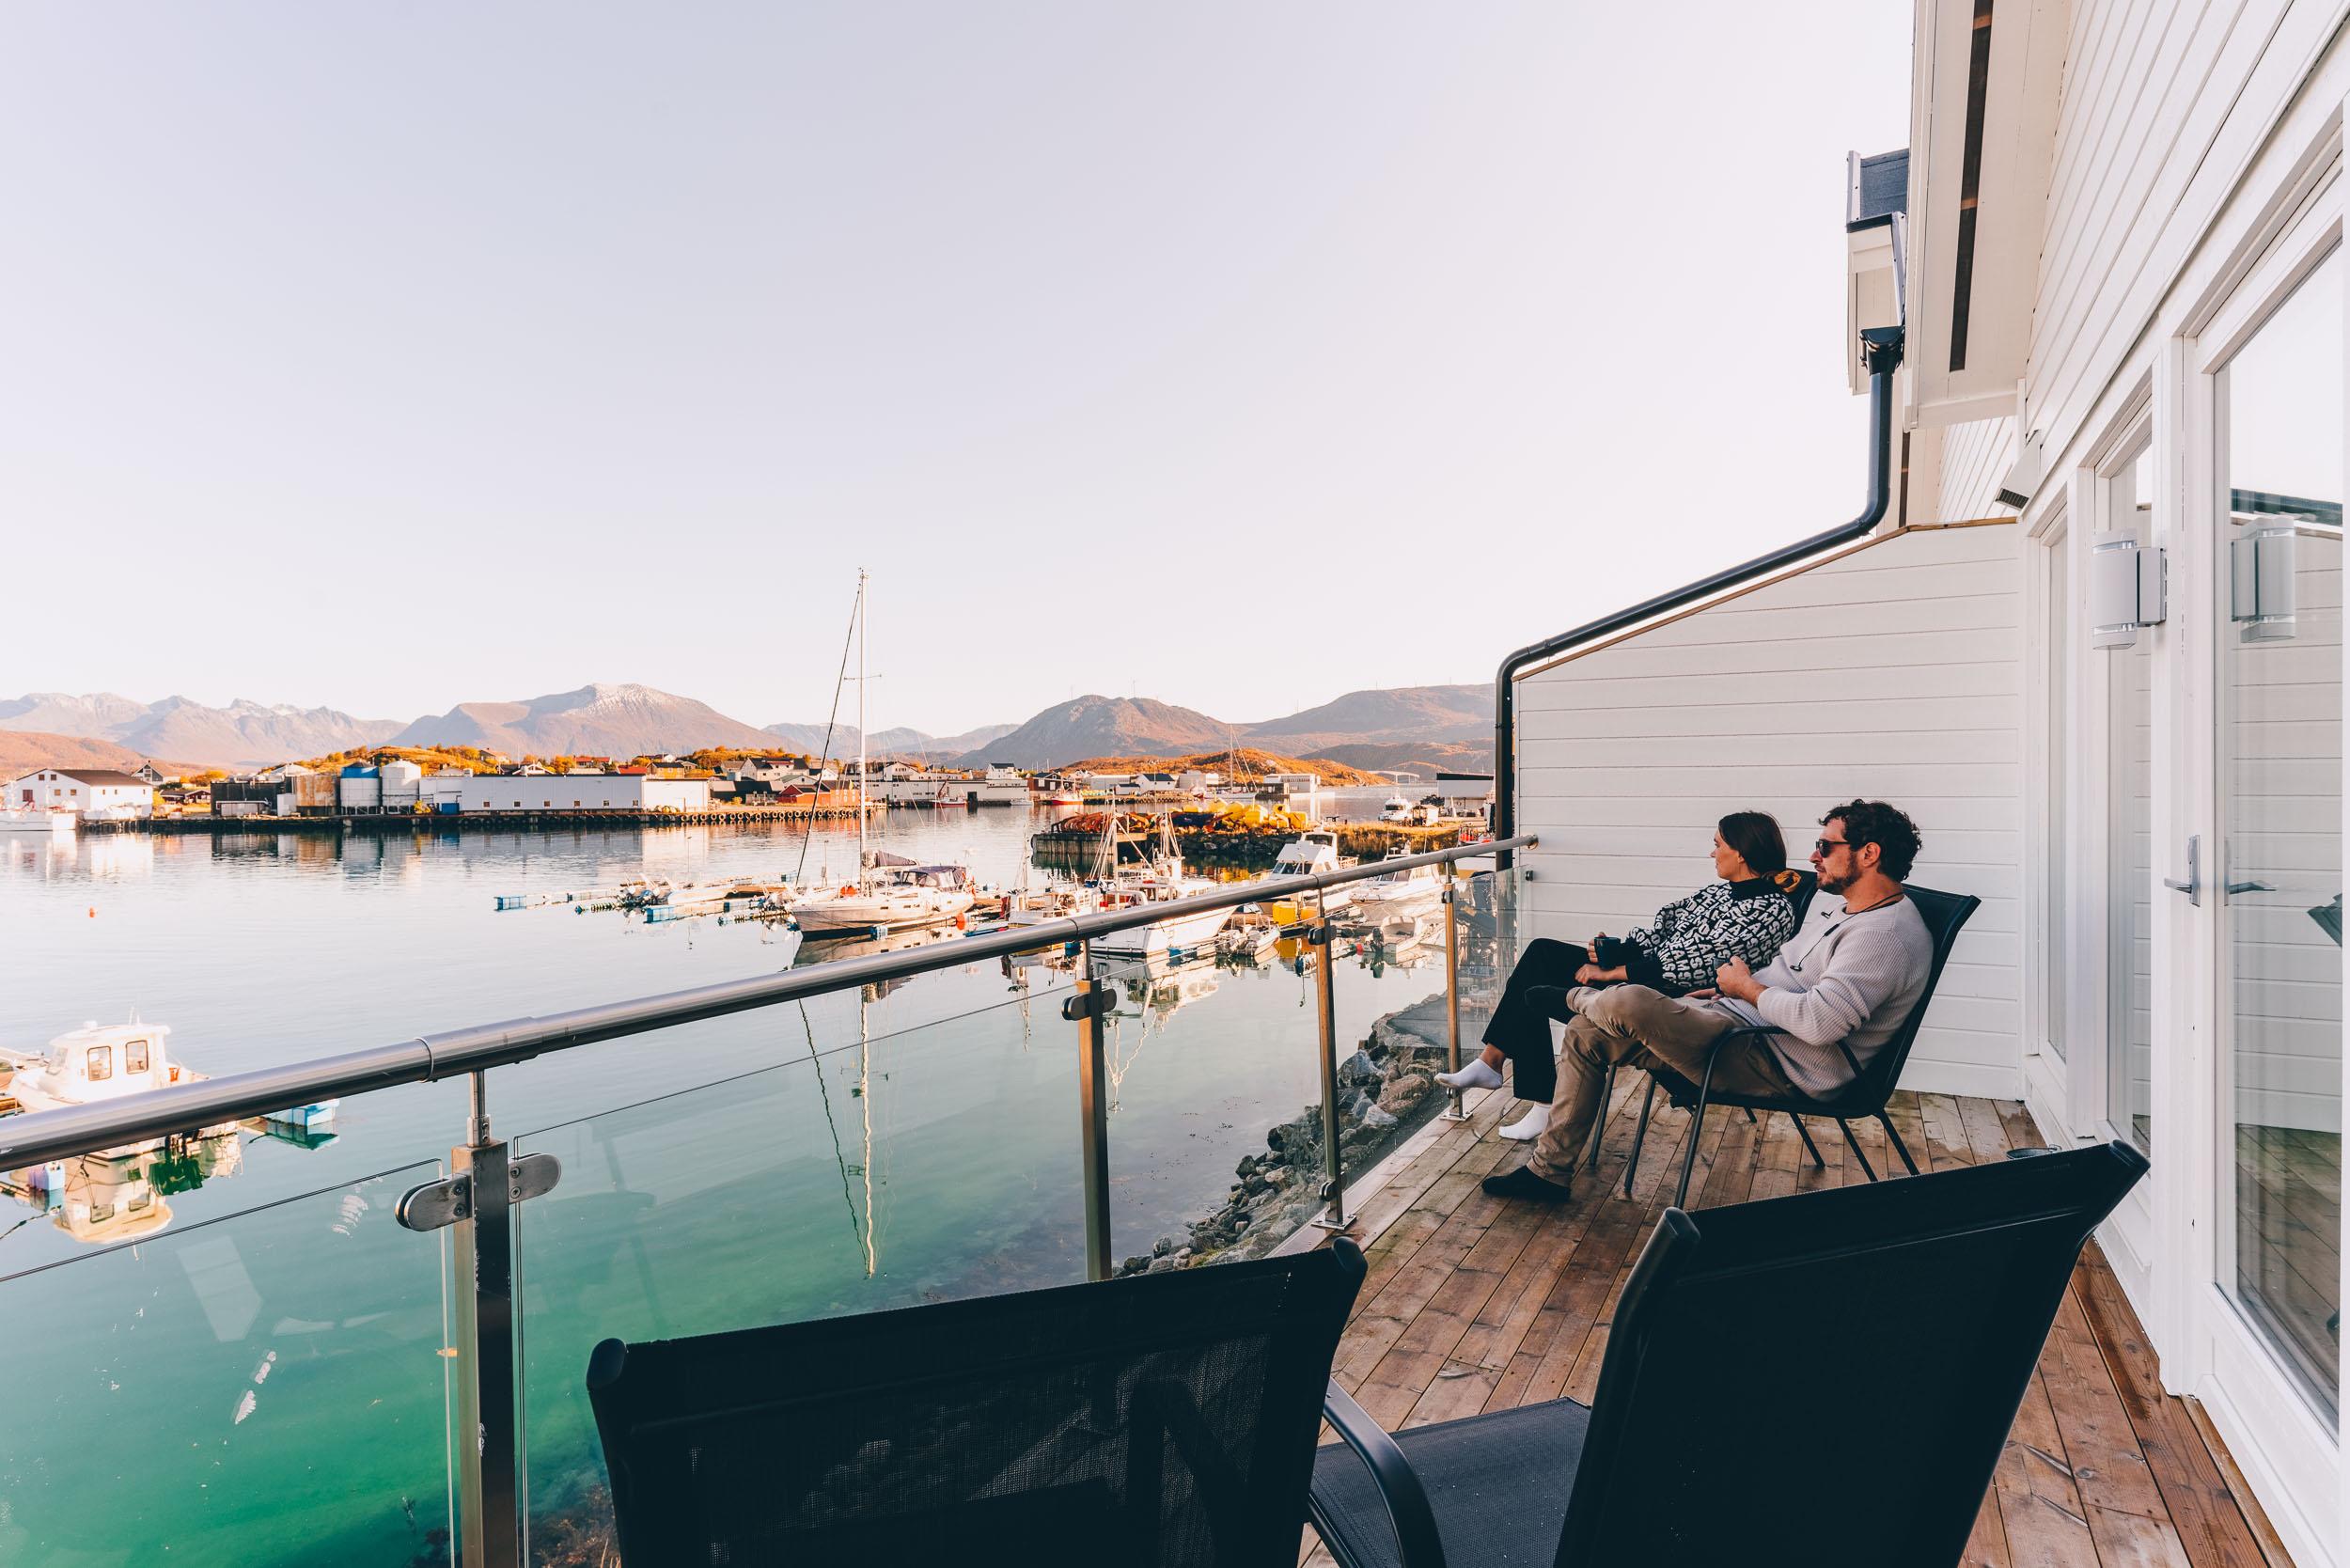 Kjærestepar nyter kveldssola på Sommarøy